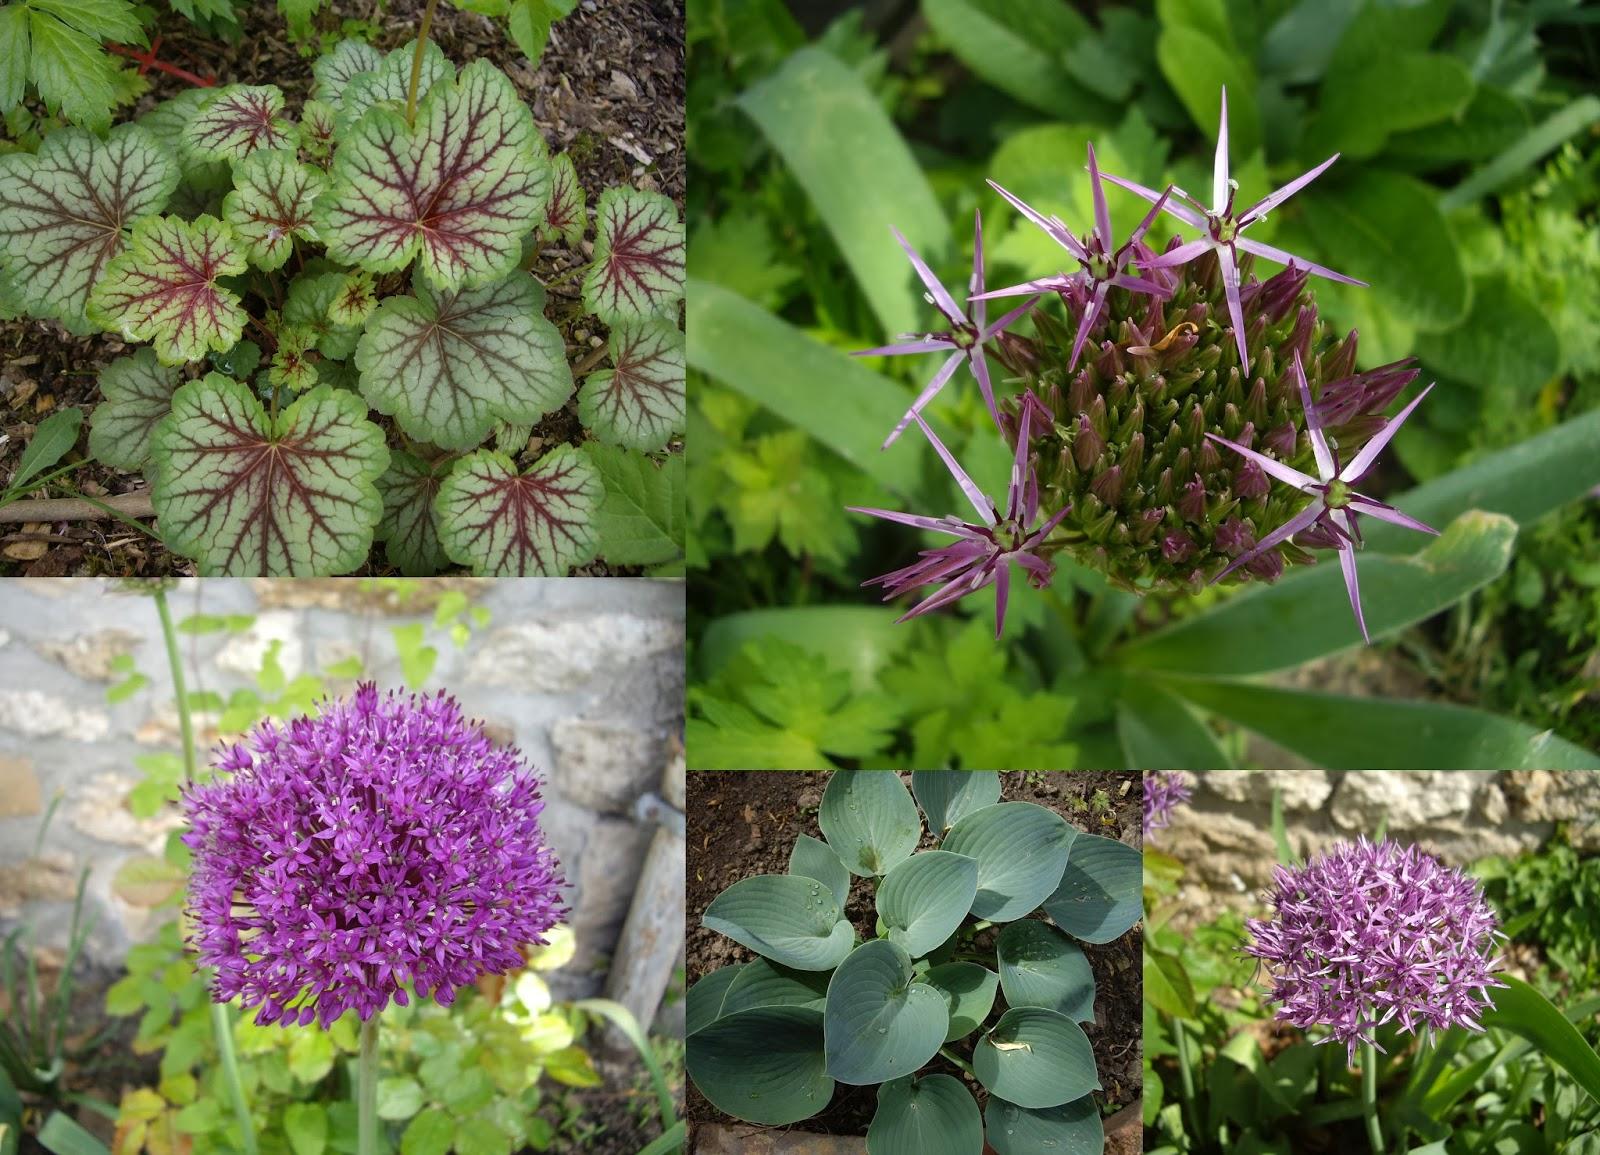 Derri re les murs de mon jardin r trospective de mai - Derriere les murs de mon jardin ...